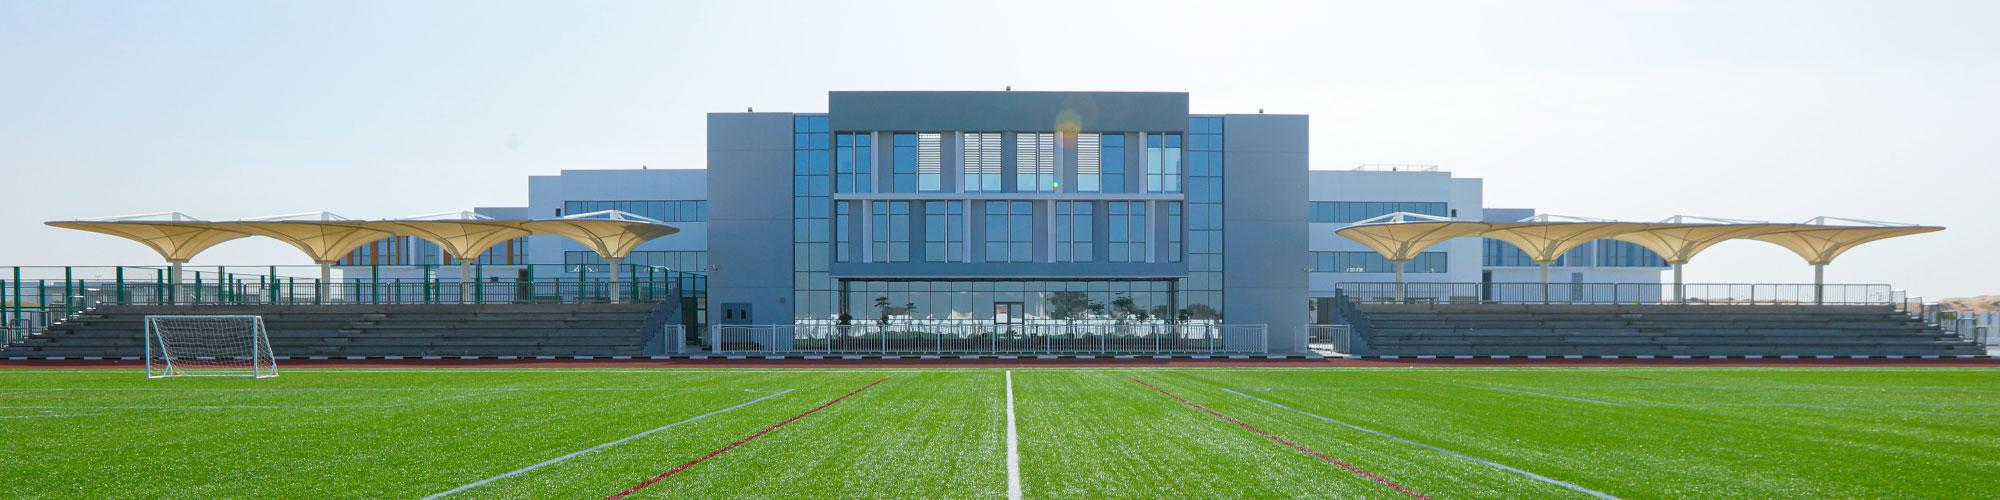 ISC-Umm al Quwain Campus